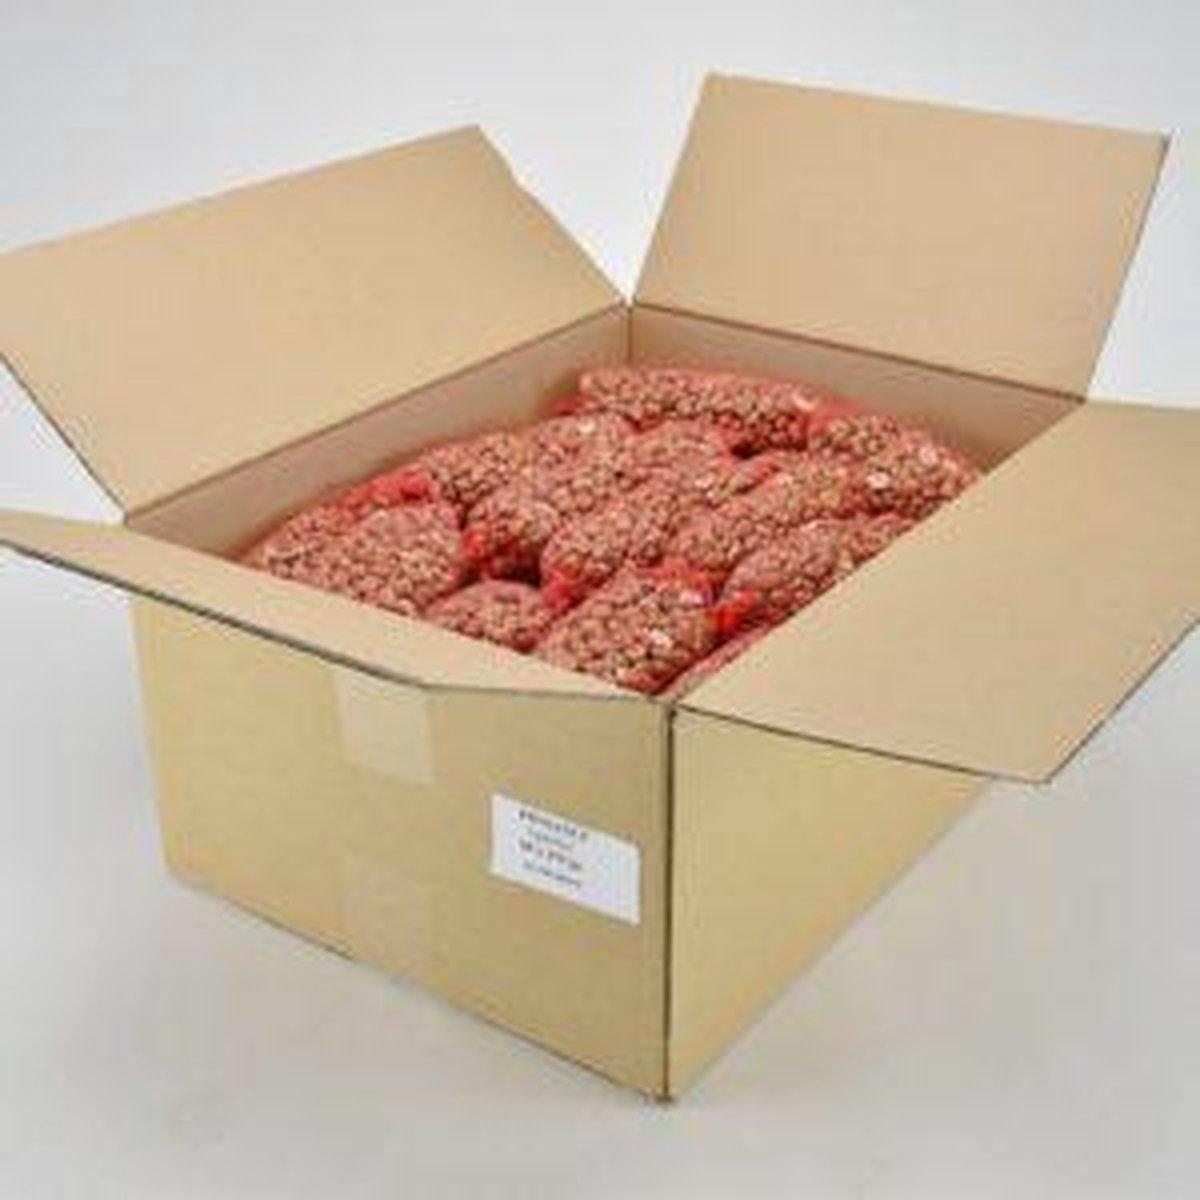 Volle doos met 60 pindanetjes